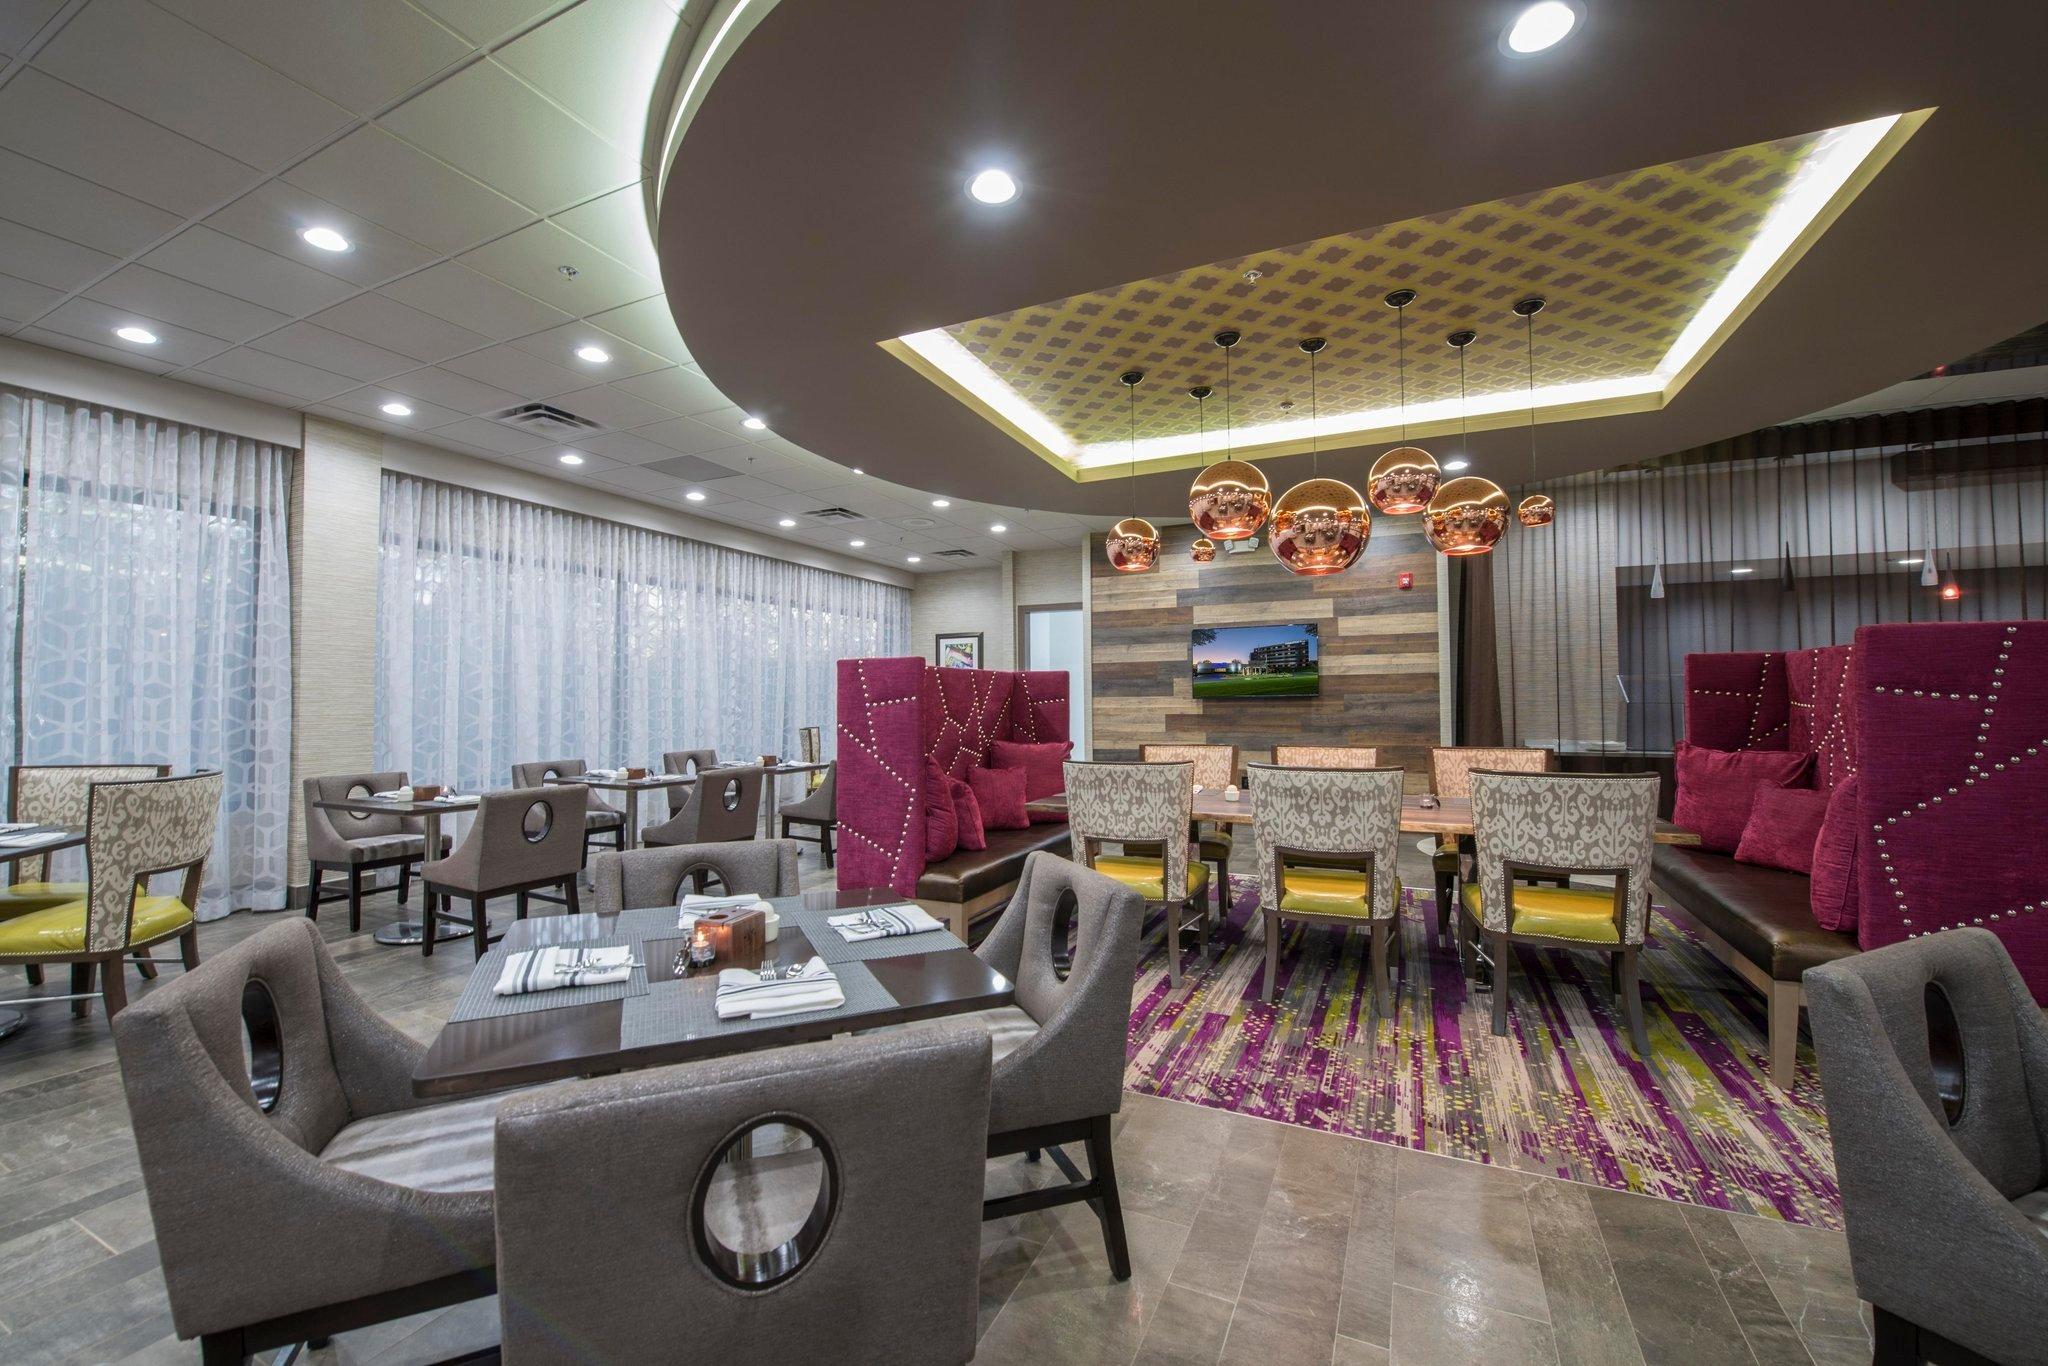 DoubleTree by Hilton Hotel Winston Salem - University